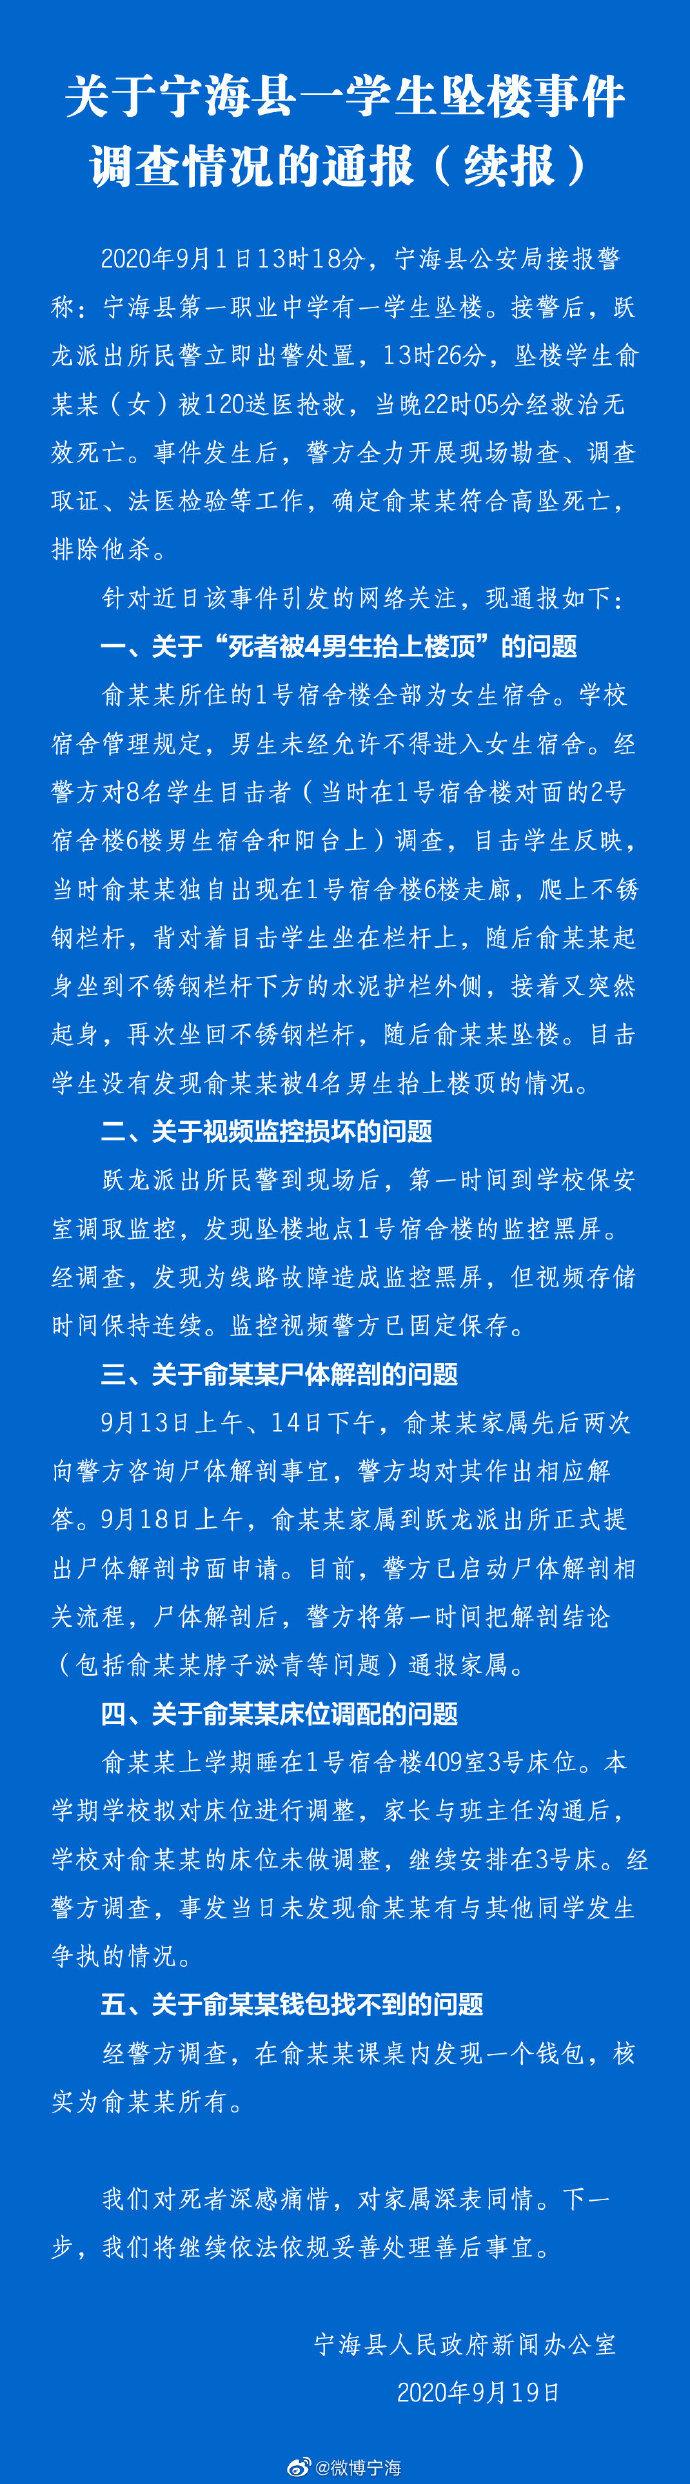 关于宁海县一学生坠楼事件调查情况的通报(续报)